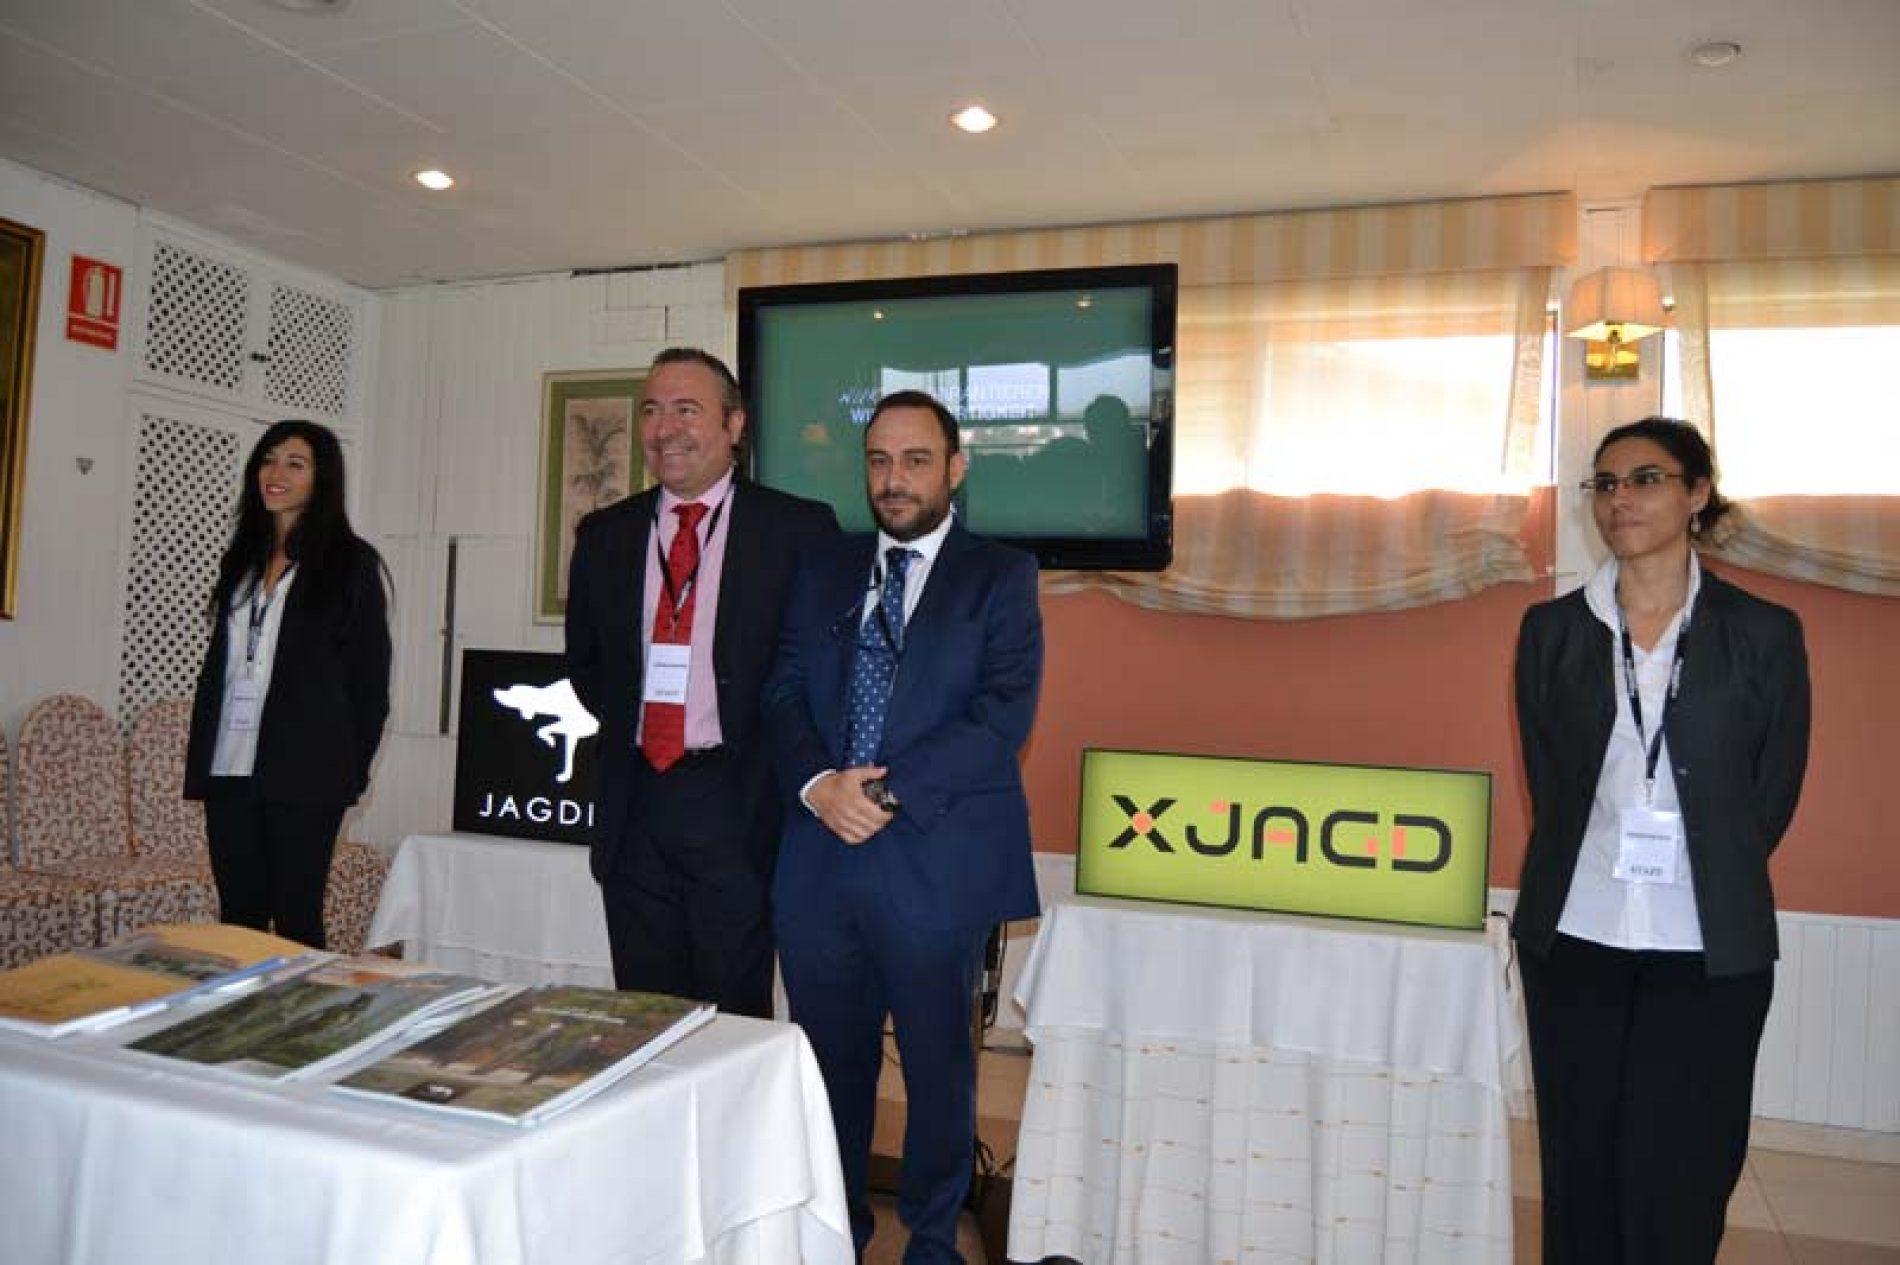 Record Hunter, distribuidora de Jagdhun, X Jagd y El Corzo en España